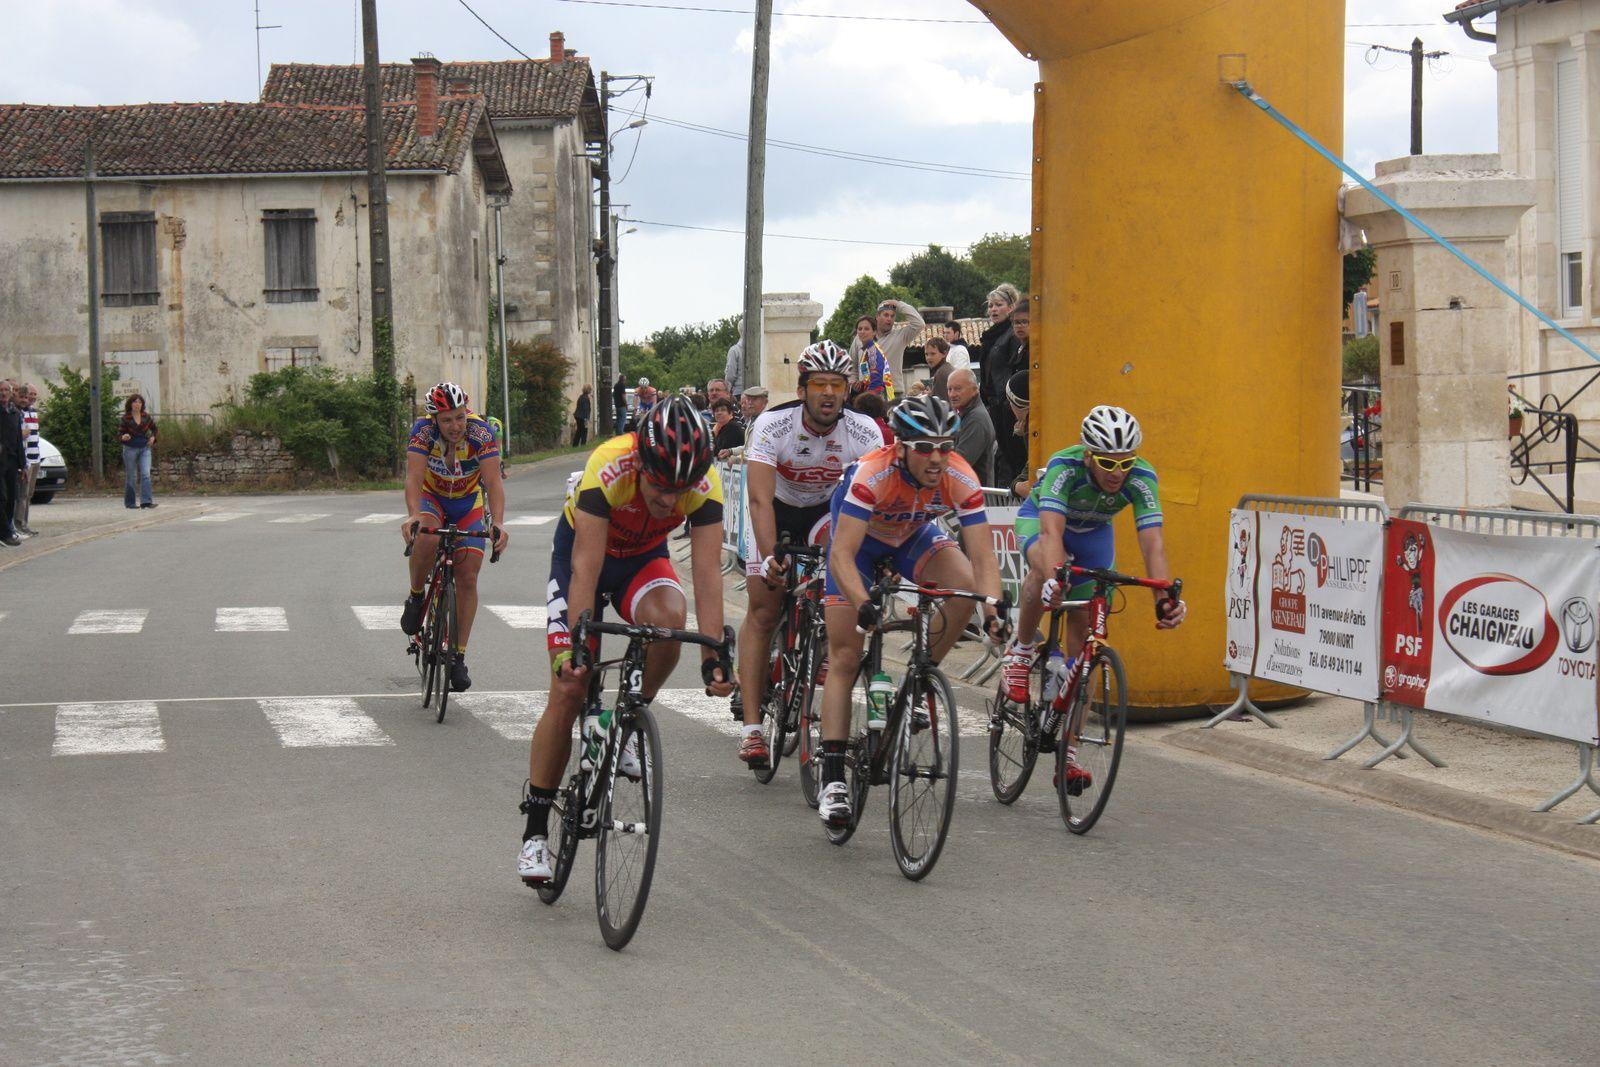 4e  Olivier  HOUGET(AL  Gond  Pontouvre), 5e  Alexis  MENANTEAU(SF  Fontenay), 6e  Gildas  PANHALLEUX(CC  Nanteuil),7e  Guillaume  BOSSEAU(T  St  Sauveur),8e  Henrik  SICAUD(P  St  Florent), 9e  Julien  RENOUX(VC  Saintes), 10e  Morgan  VALLET(P  St  Florent), 11e  Alex  DERE(AC  Virolet), 12e  Pierre  MARATHE(SV  Fontenay)